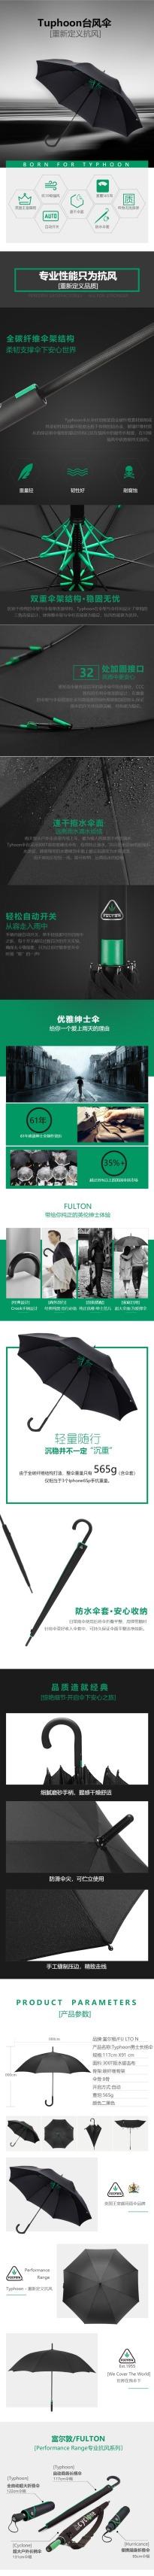 简约大气百货零售家居生活长柄雨伞促销电商详情页